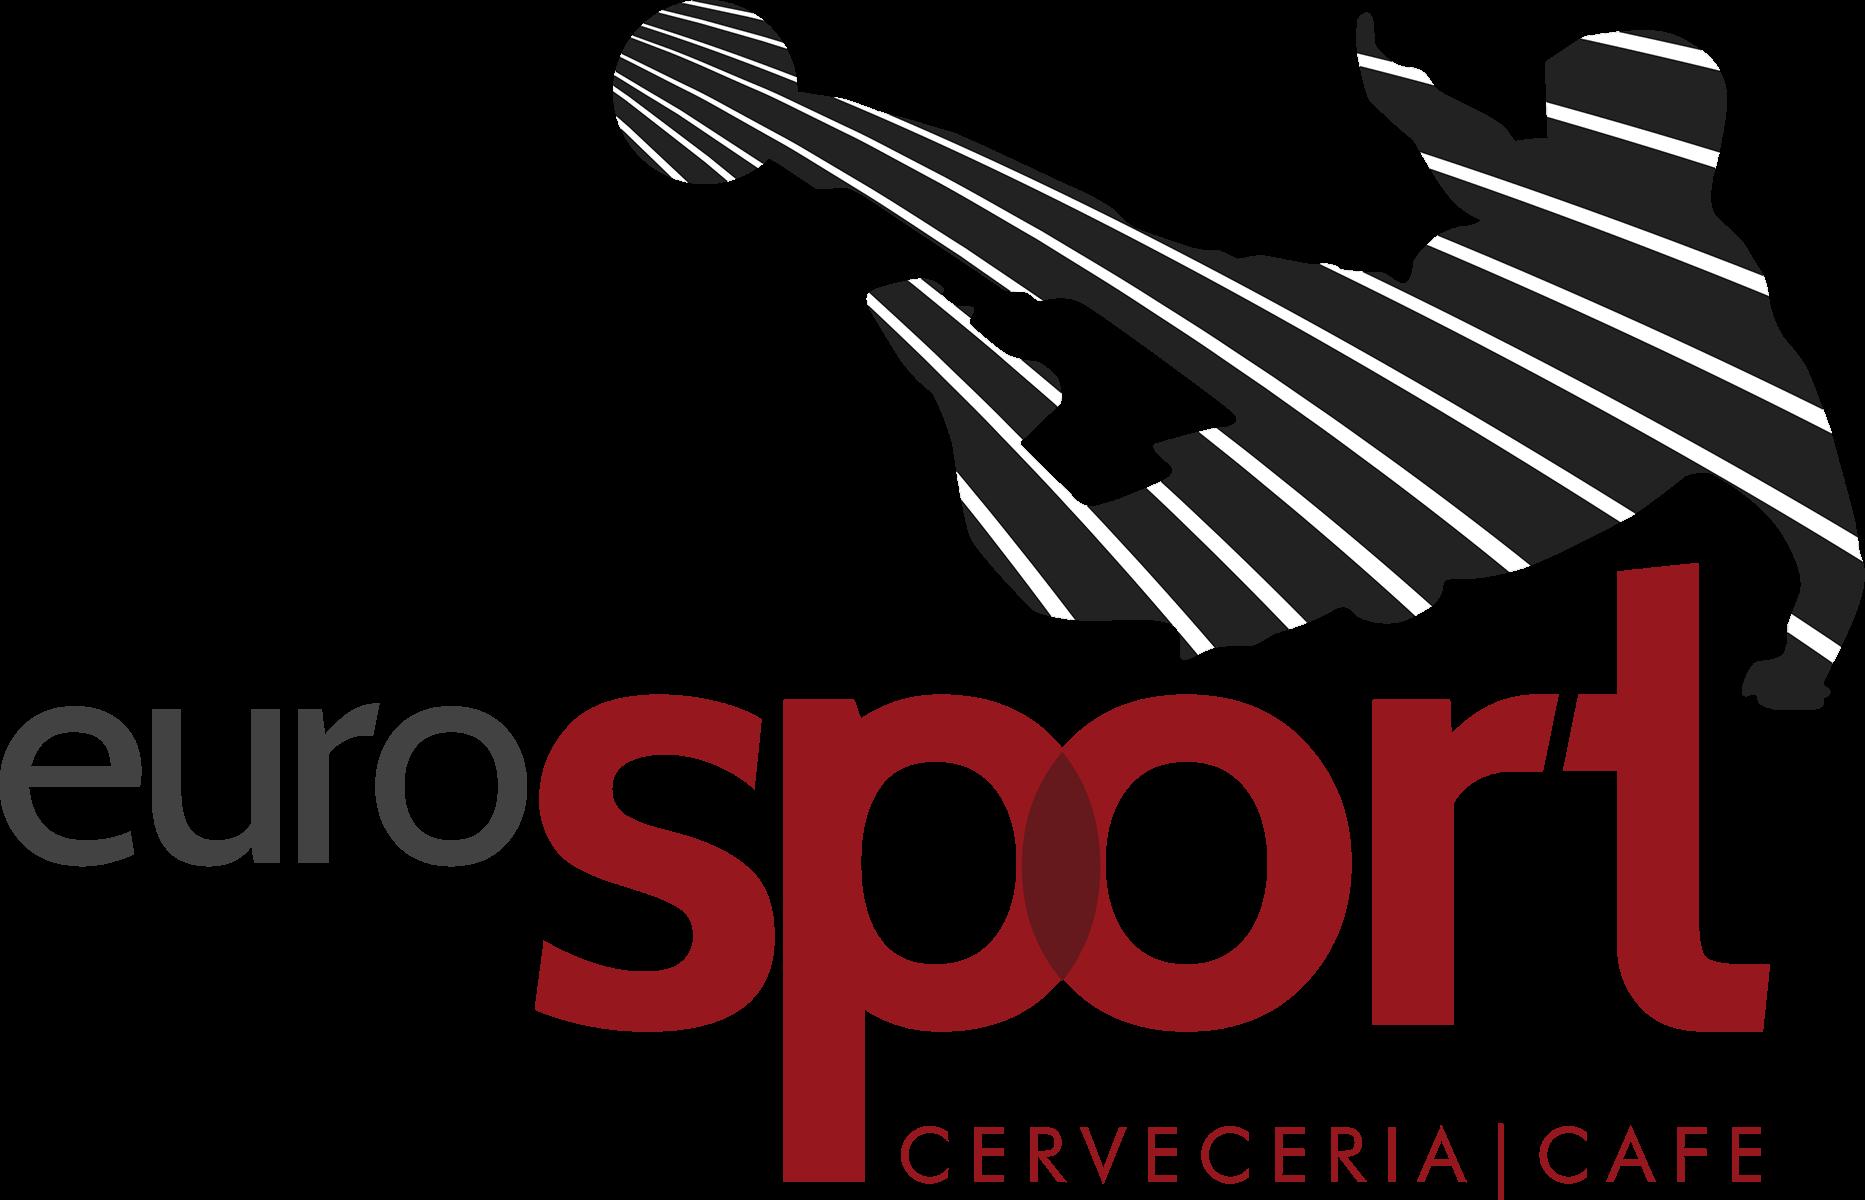 Cervecería Eurosport Ourense